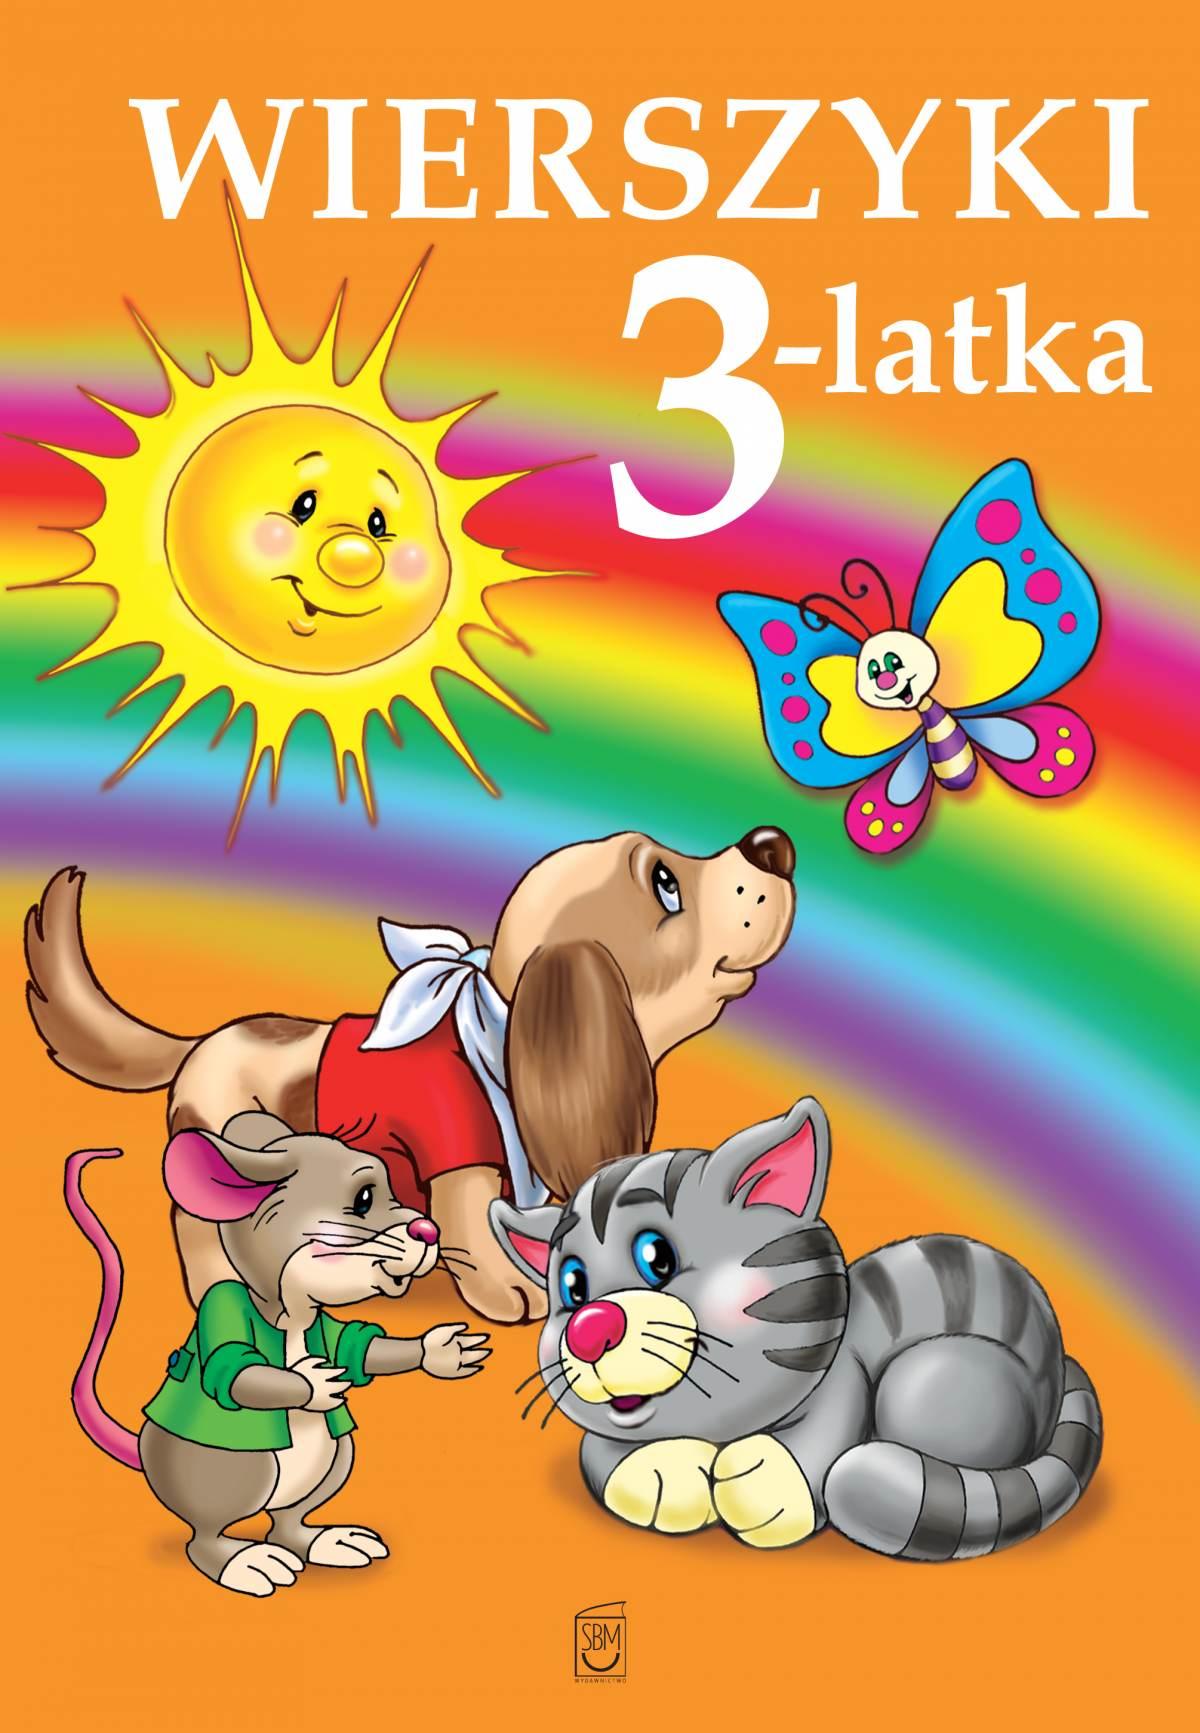 Wierszyki 3-latka - Ebook (Książka PDF) do pobrania w formacie PDF